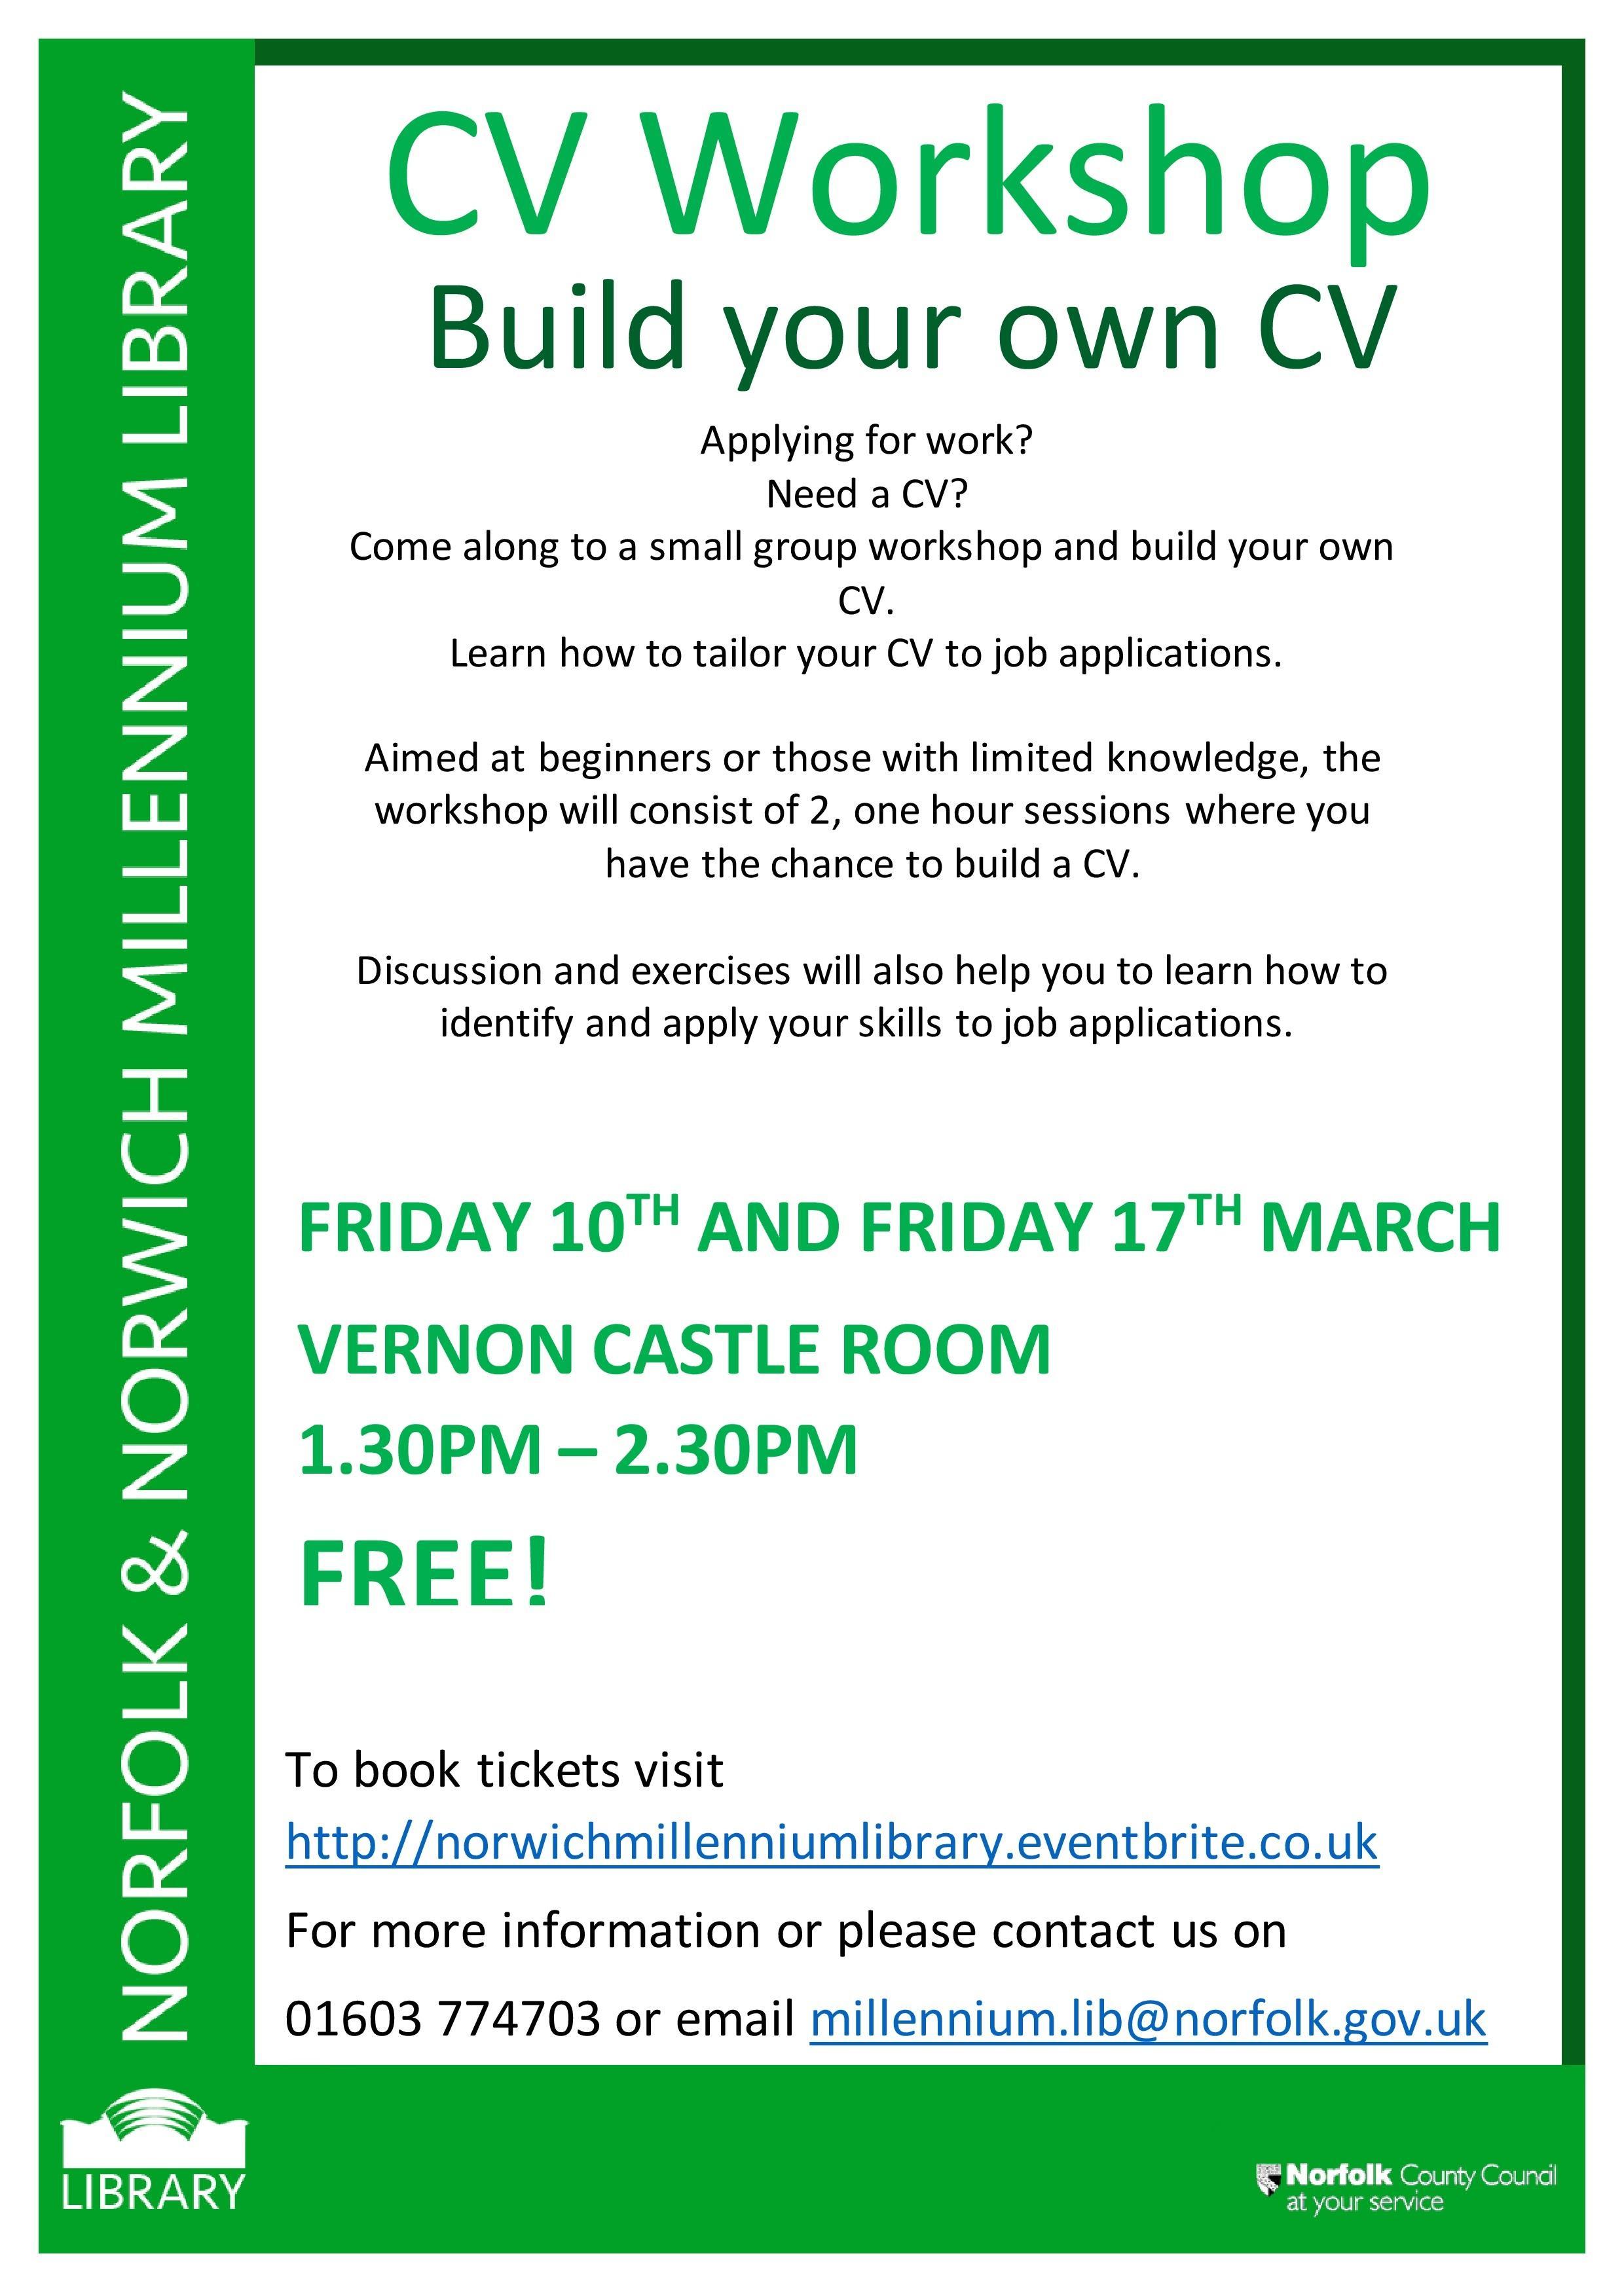 cv workshop build your own cv vernon castle room norwich  cv workshop build your own cv